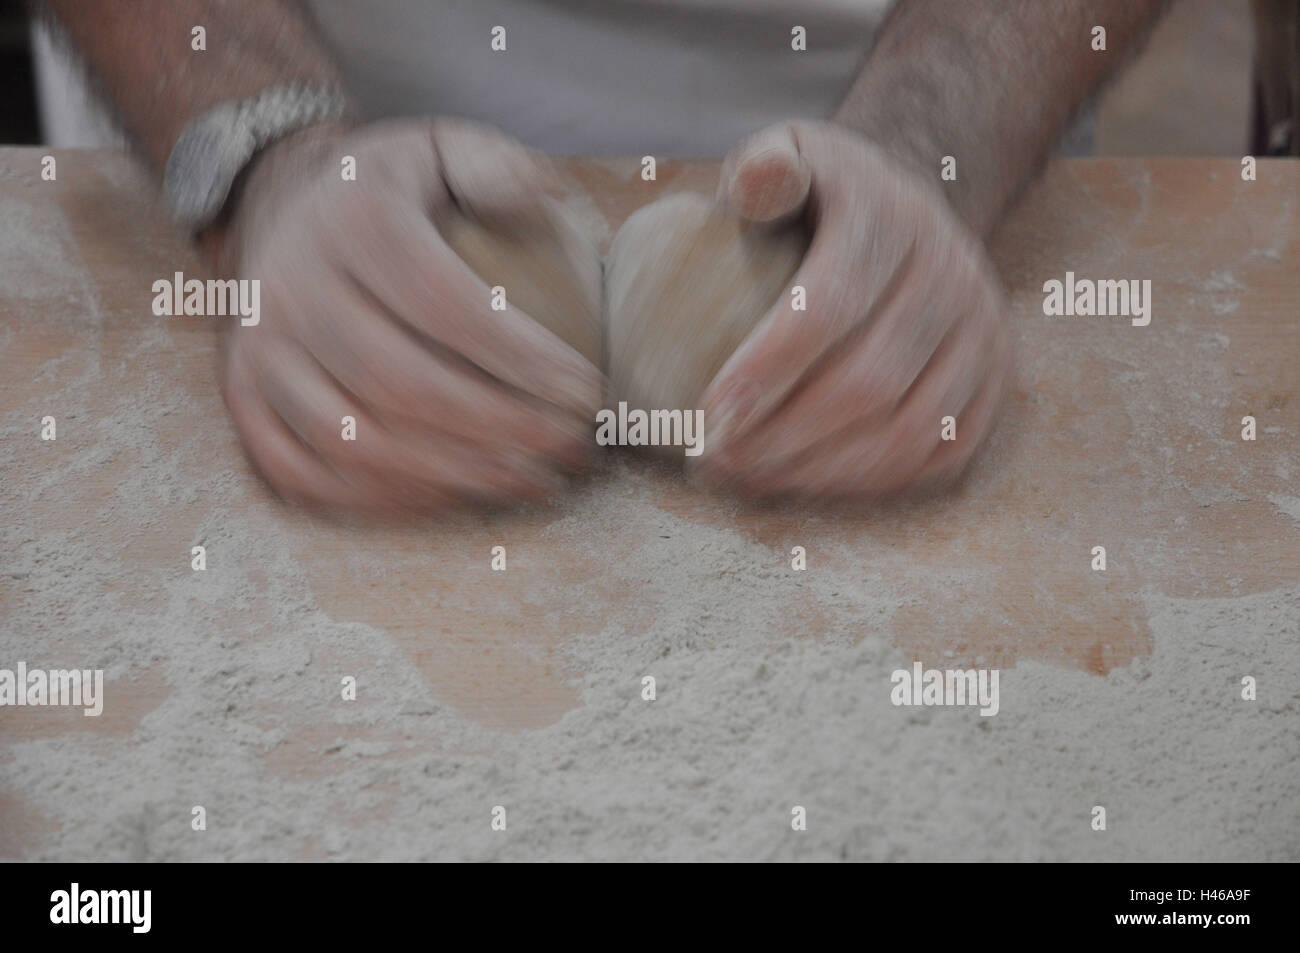 Ocupación, Baker, manos, amasar la masa, detalle Imagen De Stock